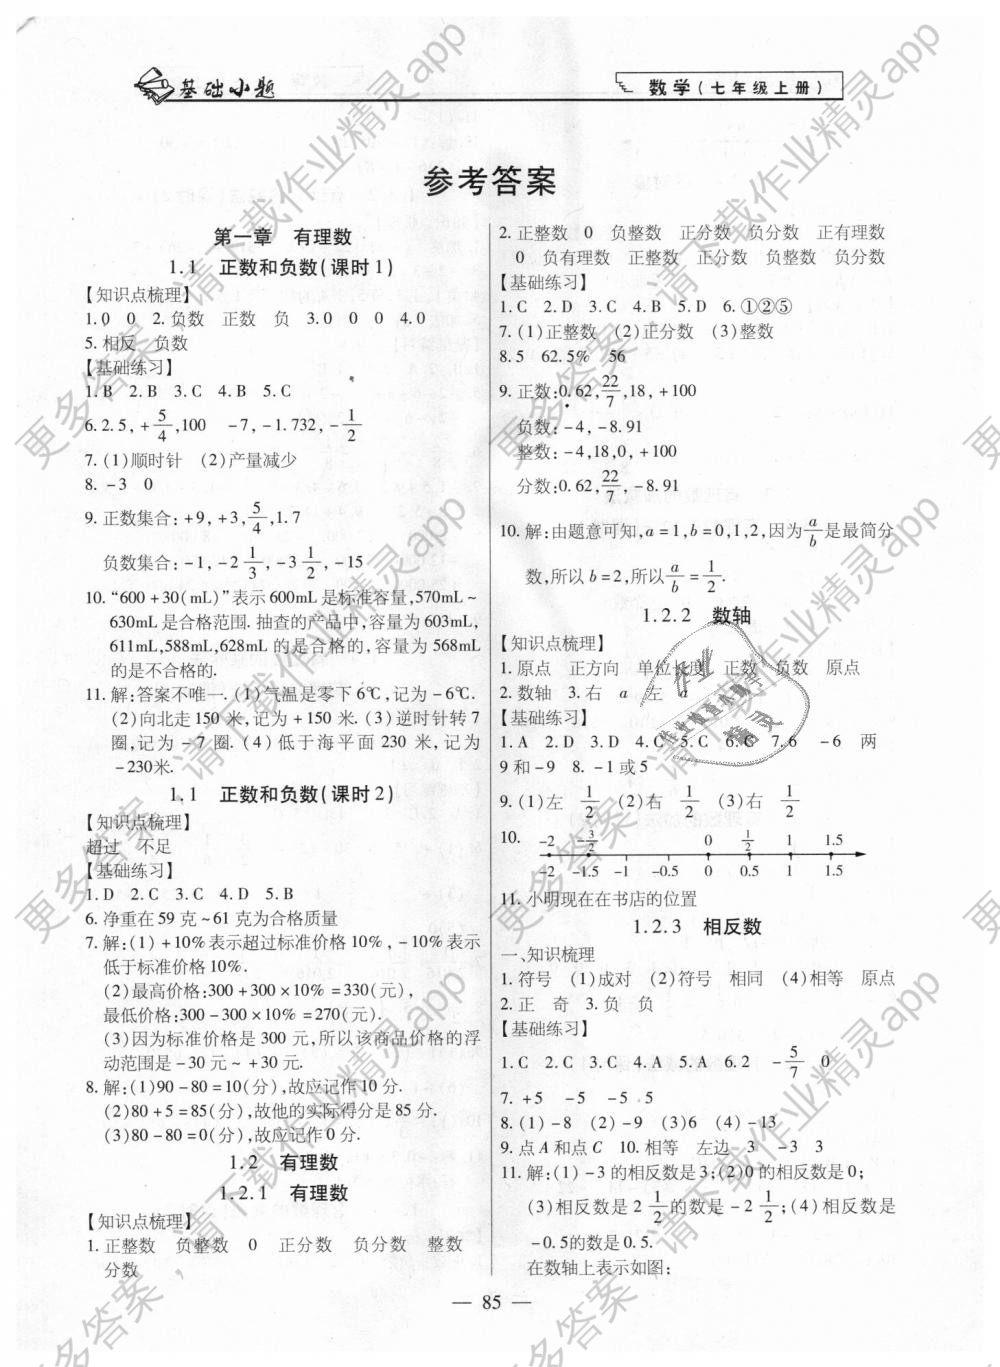 2018年全练课堂基础小题随堂练七年级数学上册人教版 第1页